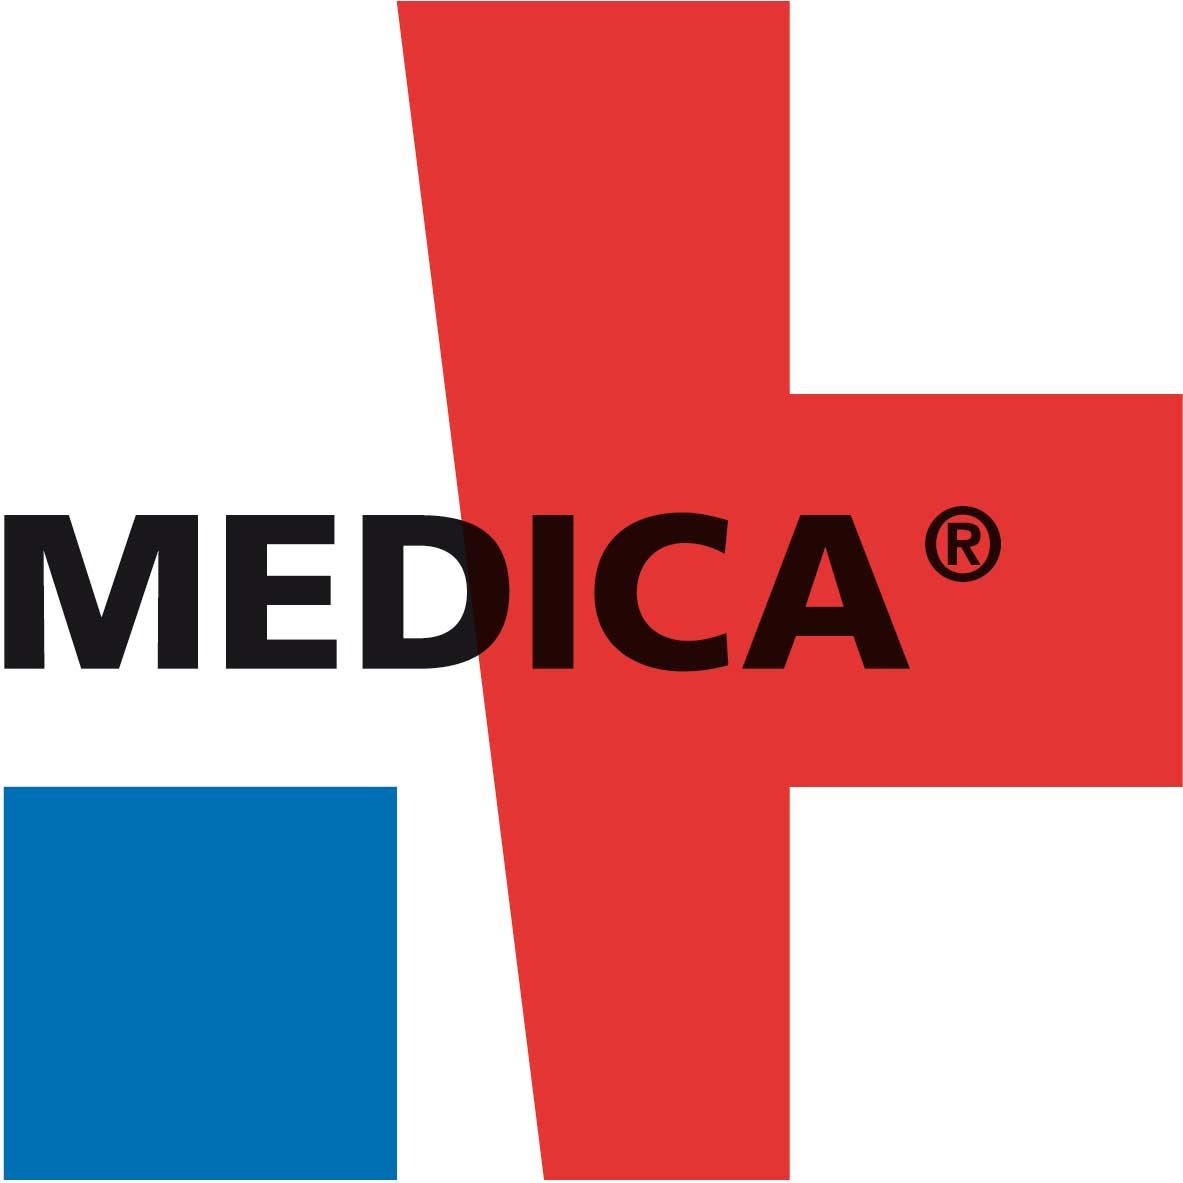 Medica Logo - EXIAS Medical